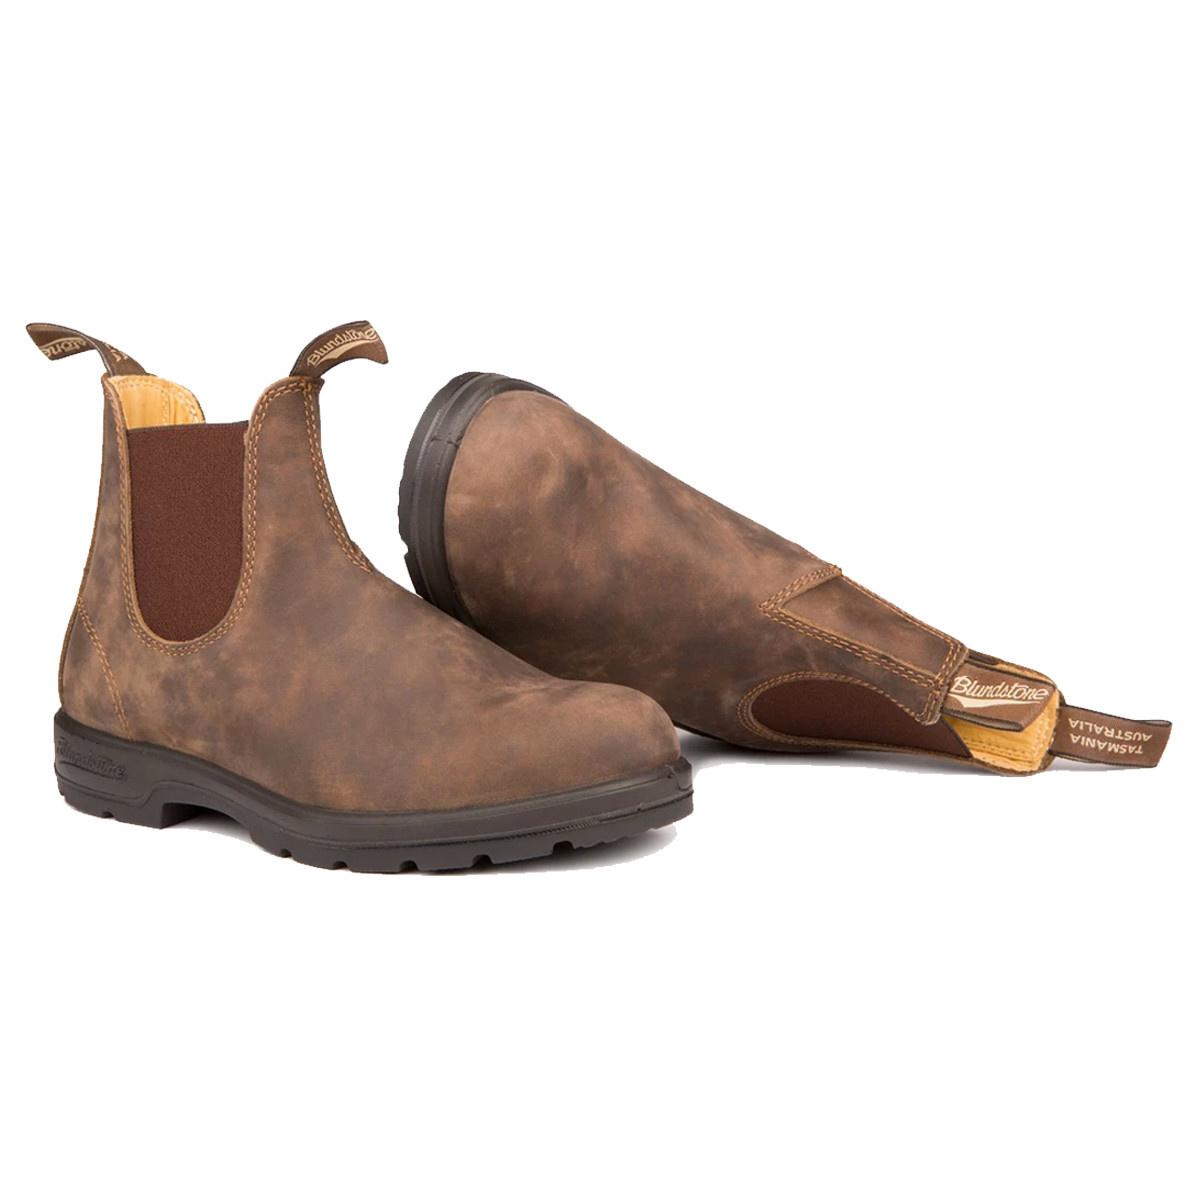 Blundstone Blundstone Unisex 585 Classic Rustic Brown